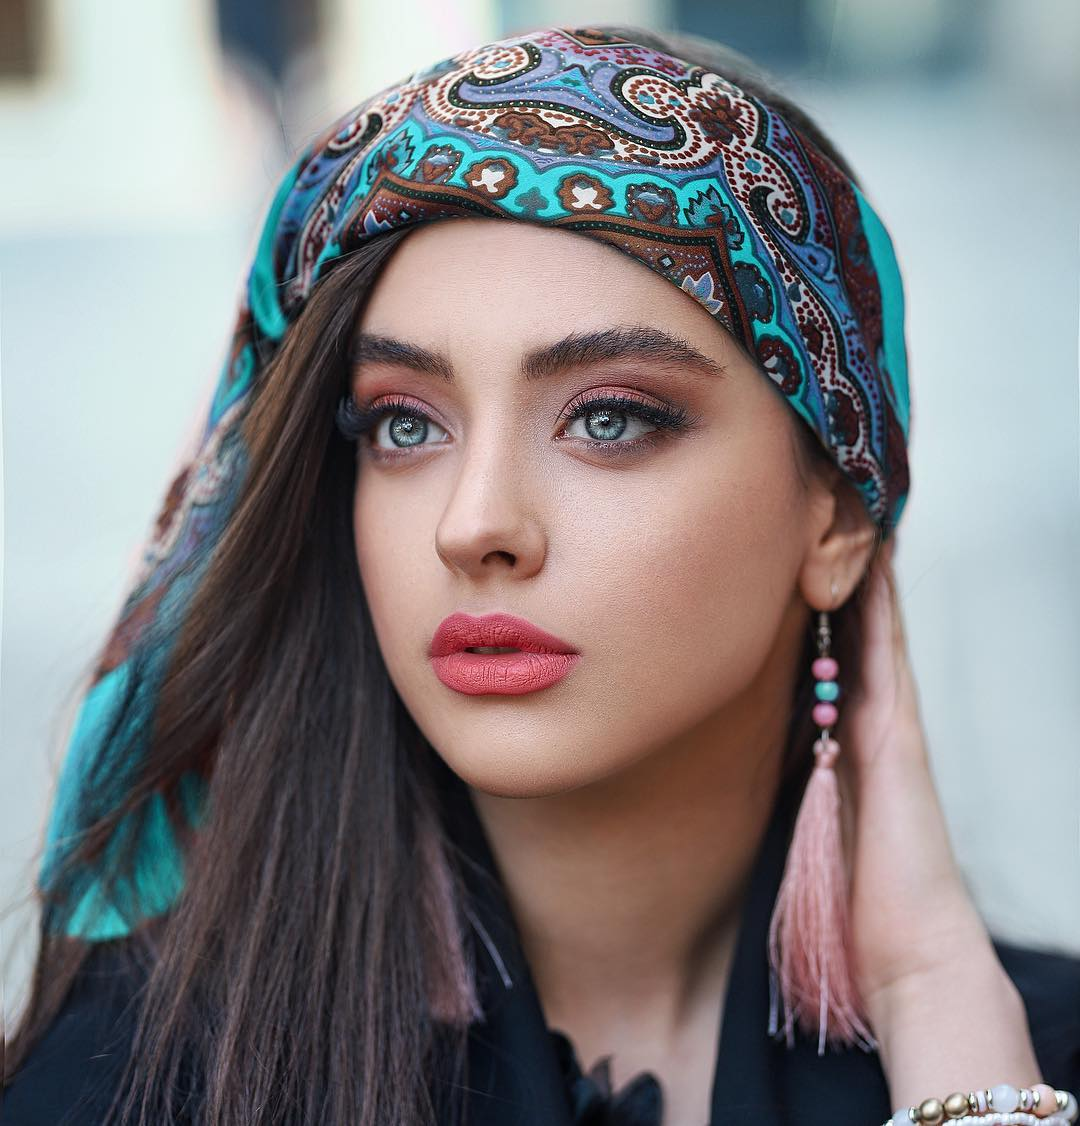 عکسهای کیمیا حسینی مدل در اینستاگرام